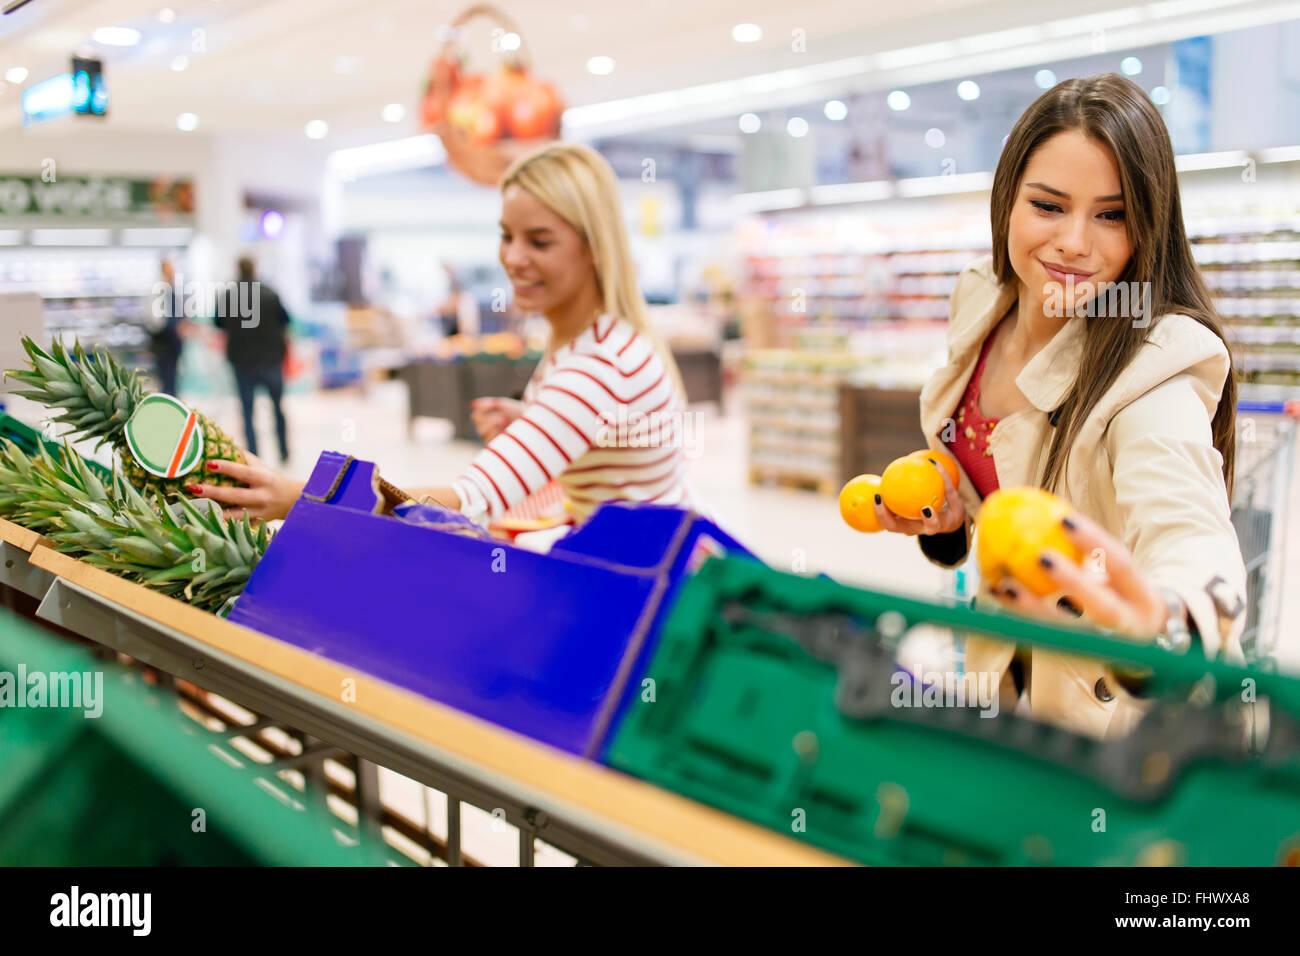 Mujeres bellas tiendas de frutas y verduras en el supermercado Imagen De Stock